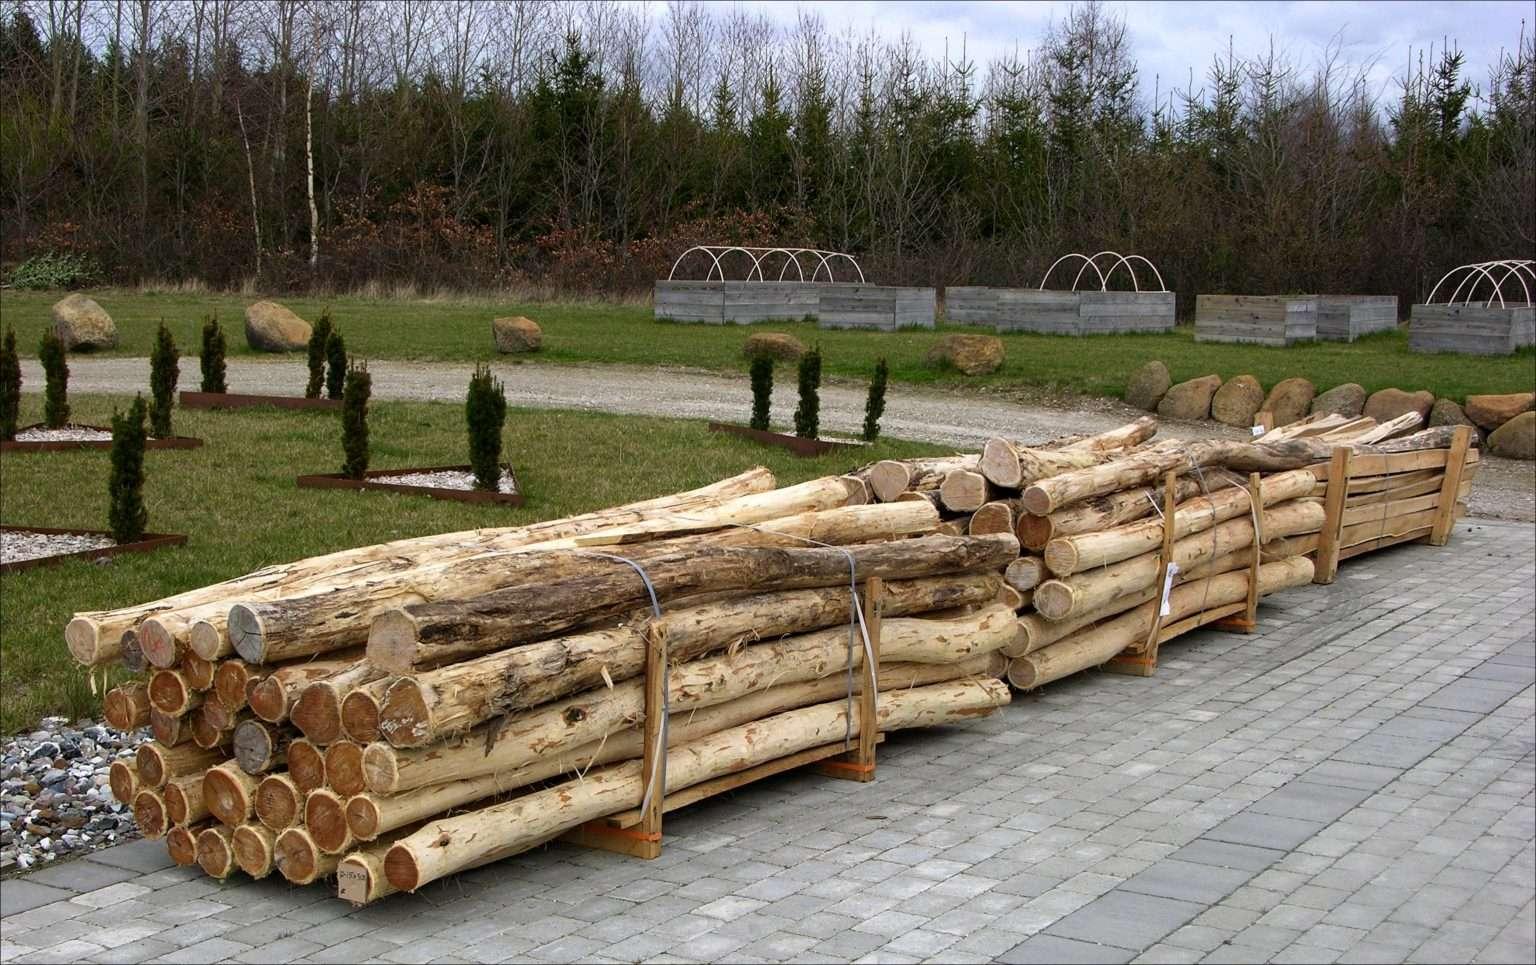 træpæle og træstolper